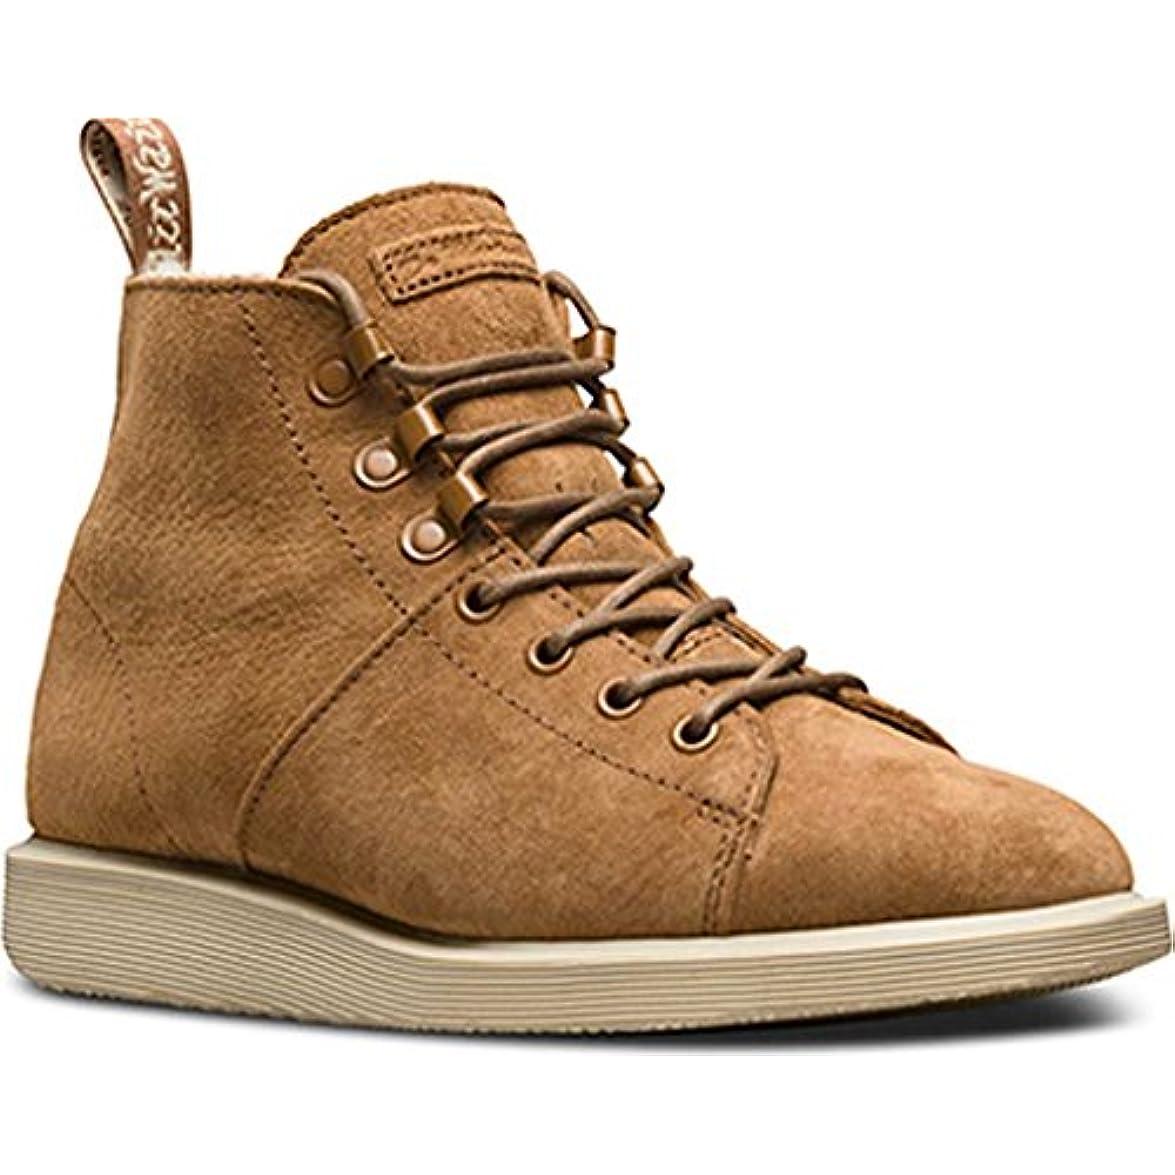 D2078 Sneaker Donna Dr Martens Les Boot Fl Scarpe Cuoio Shoe Woman